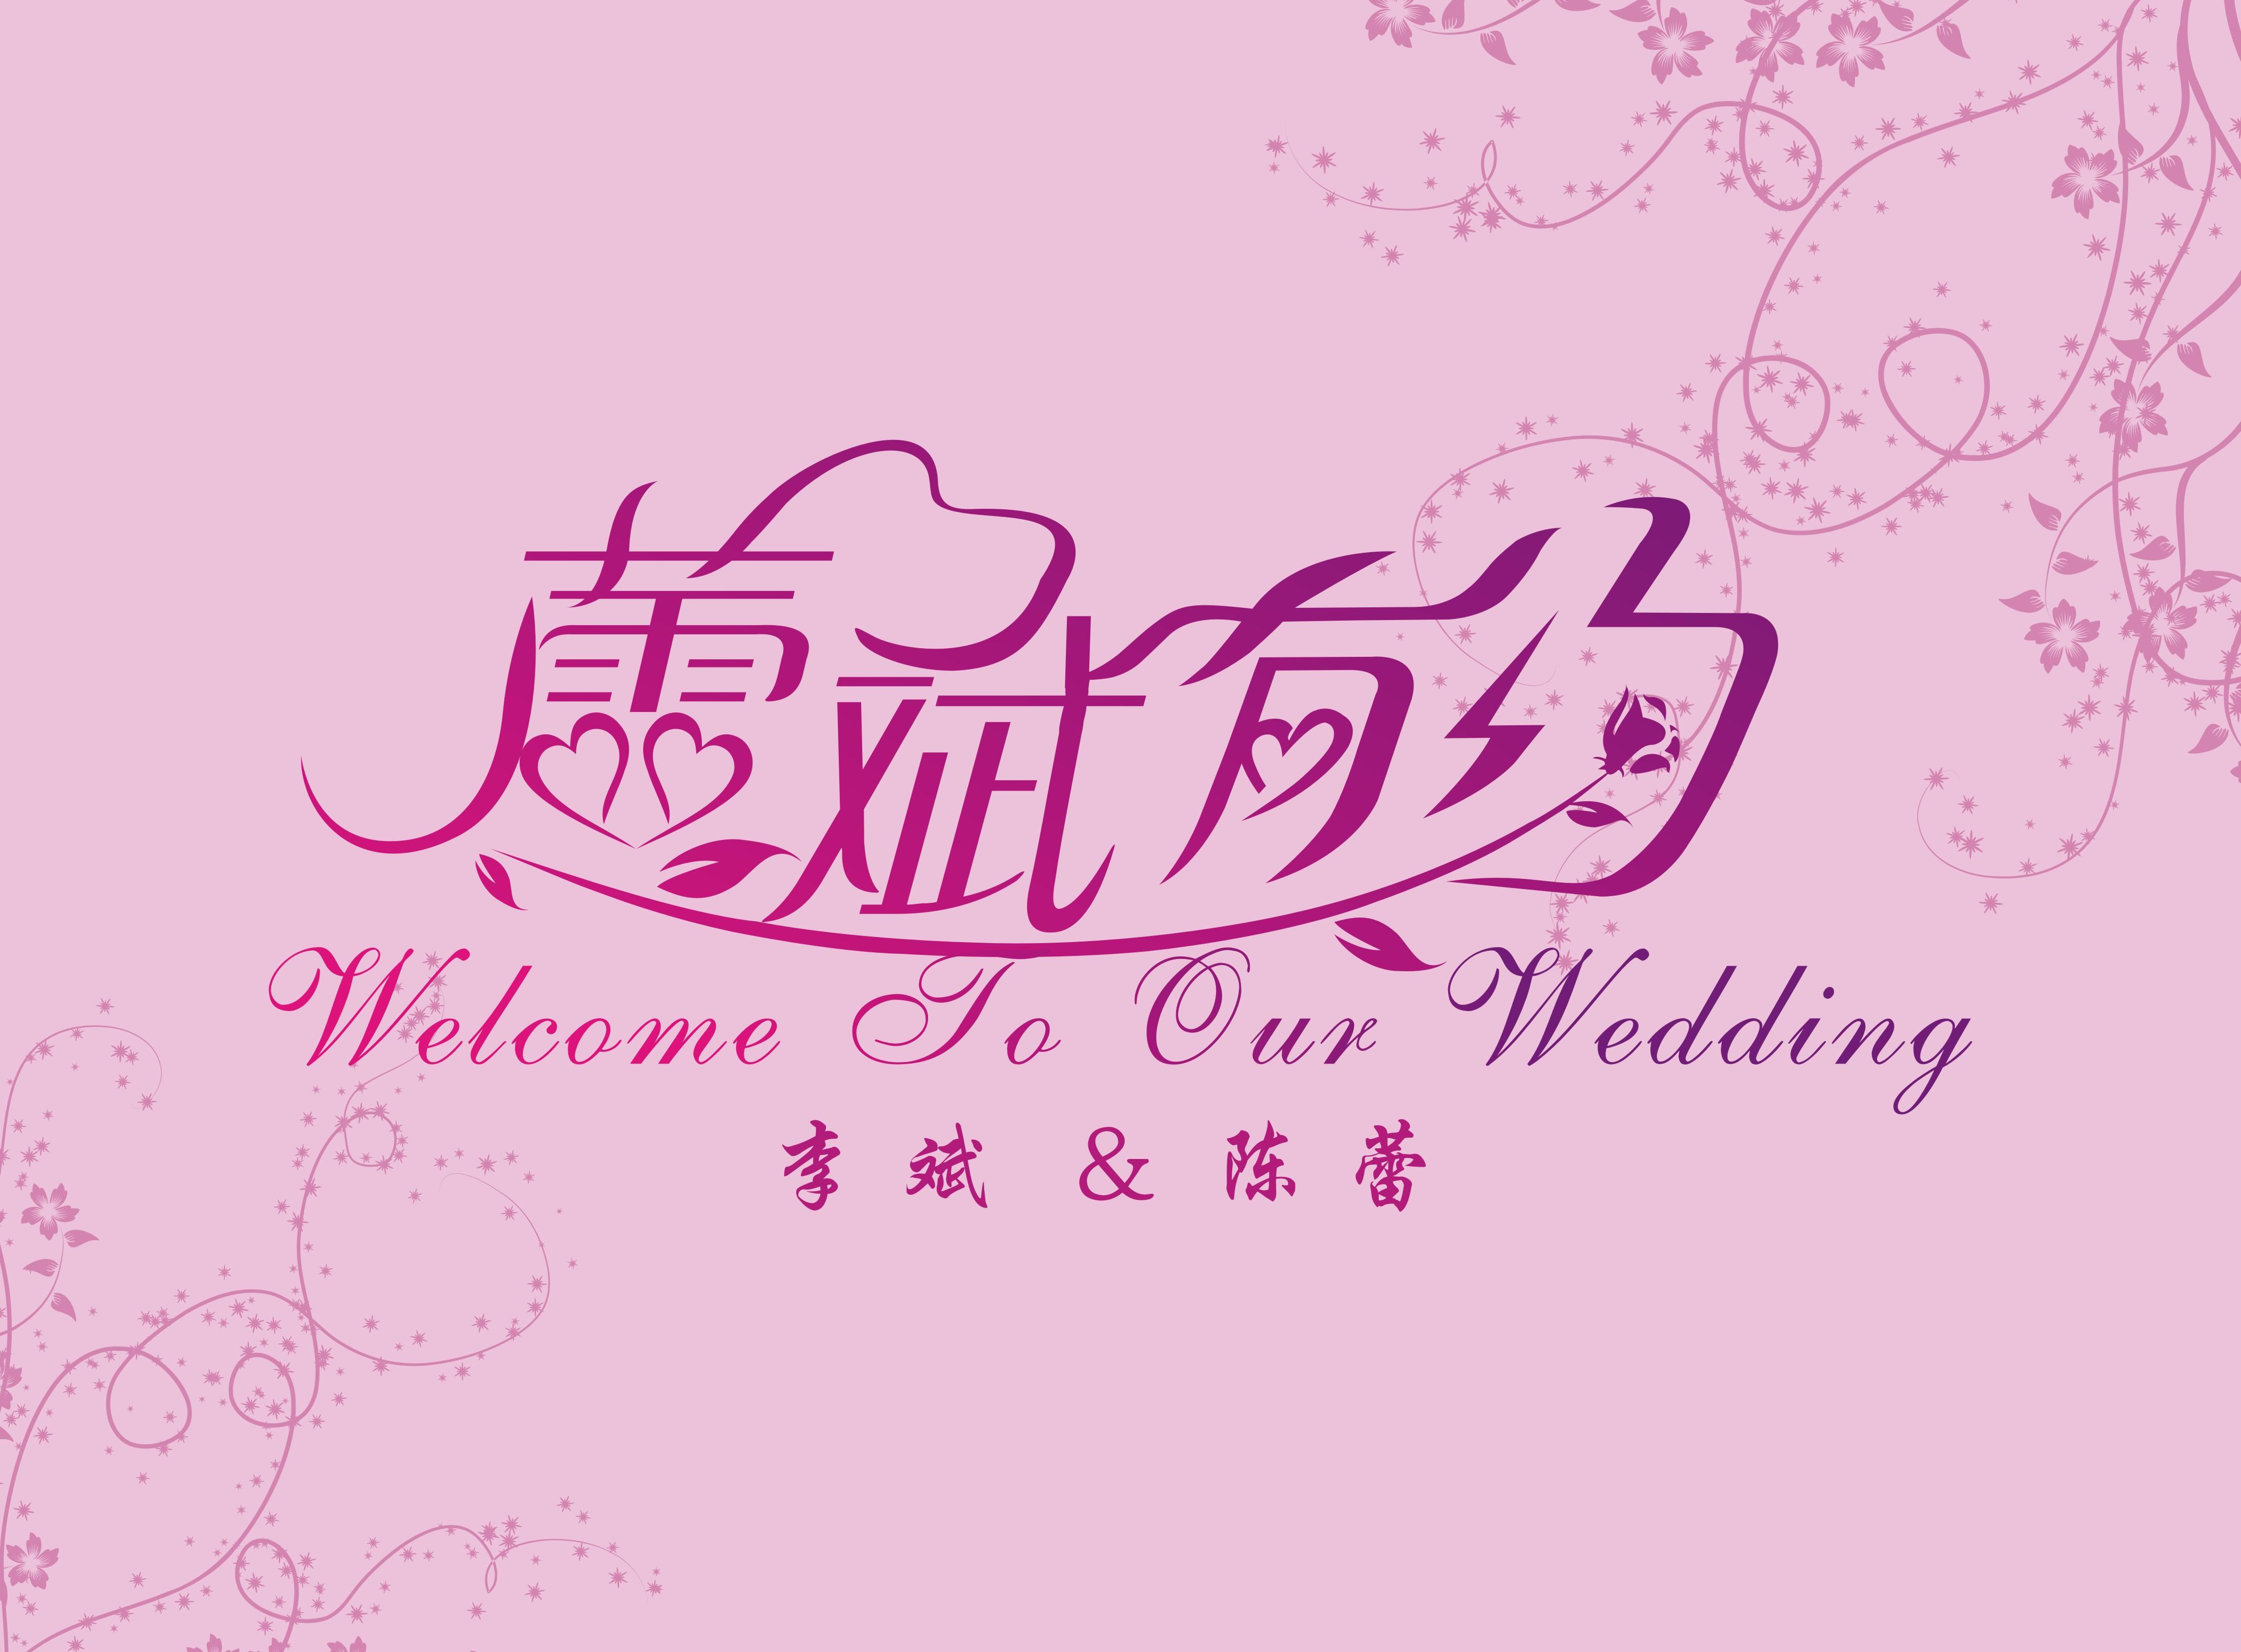 征集婚礼logo设计 ,急求